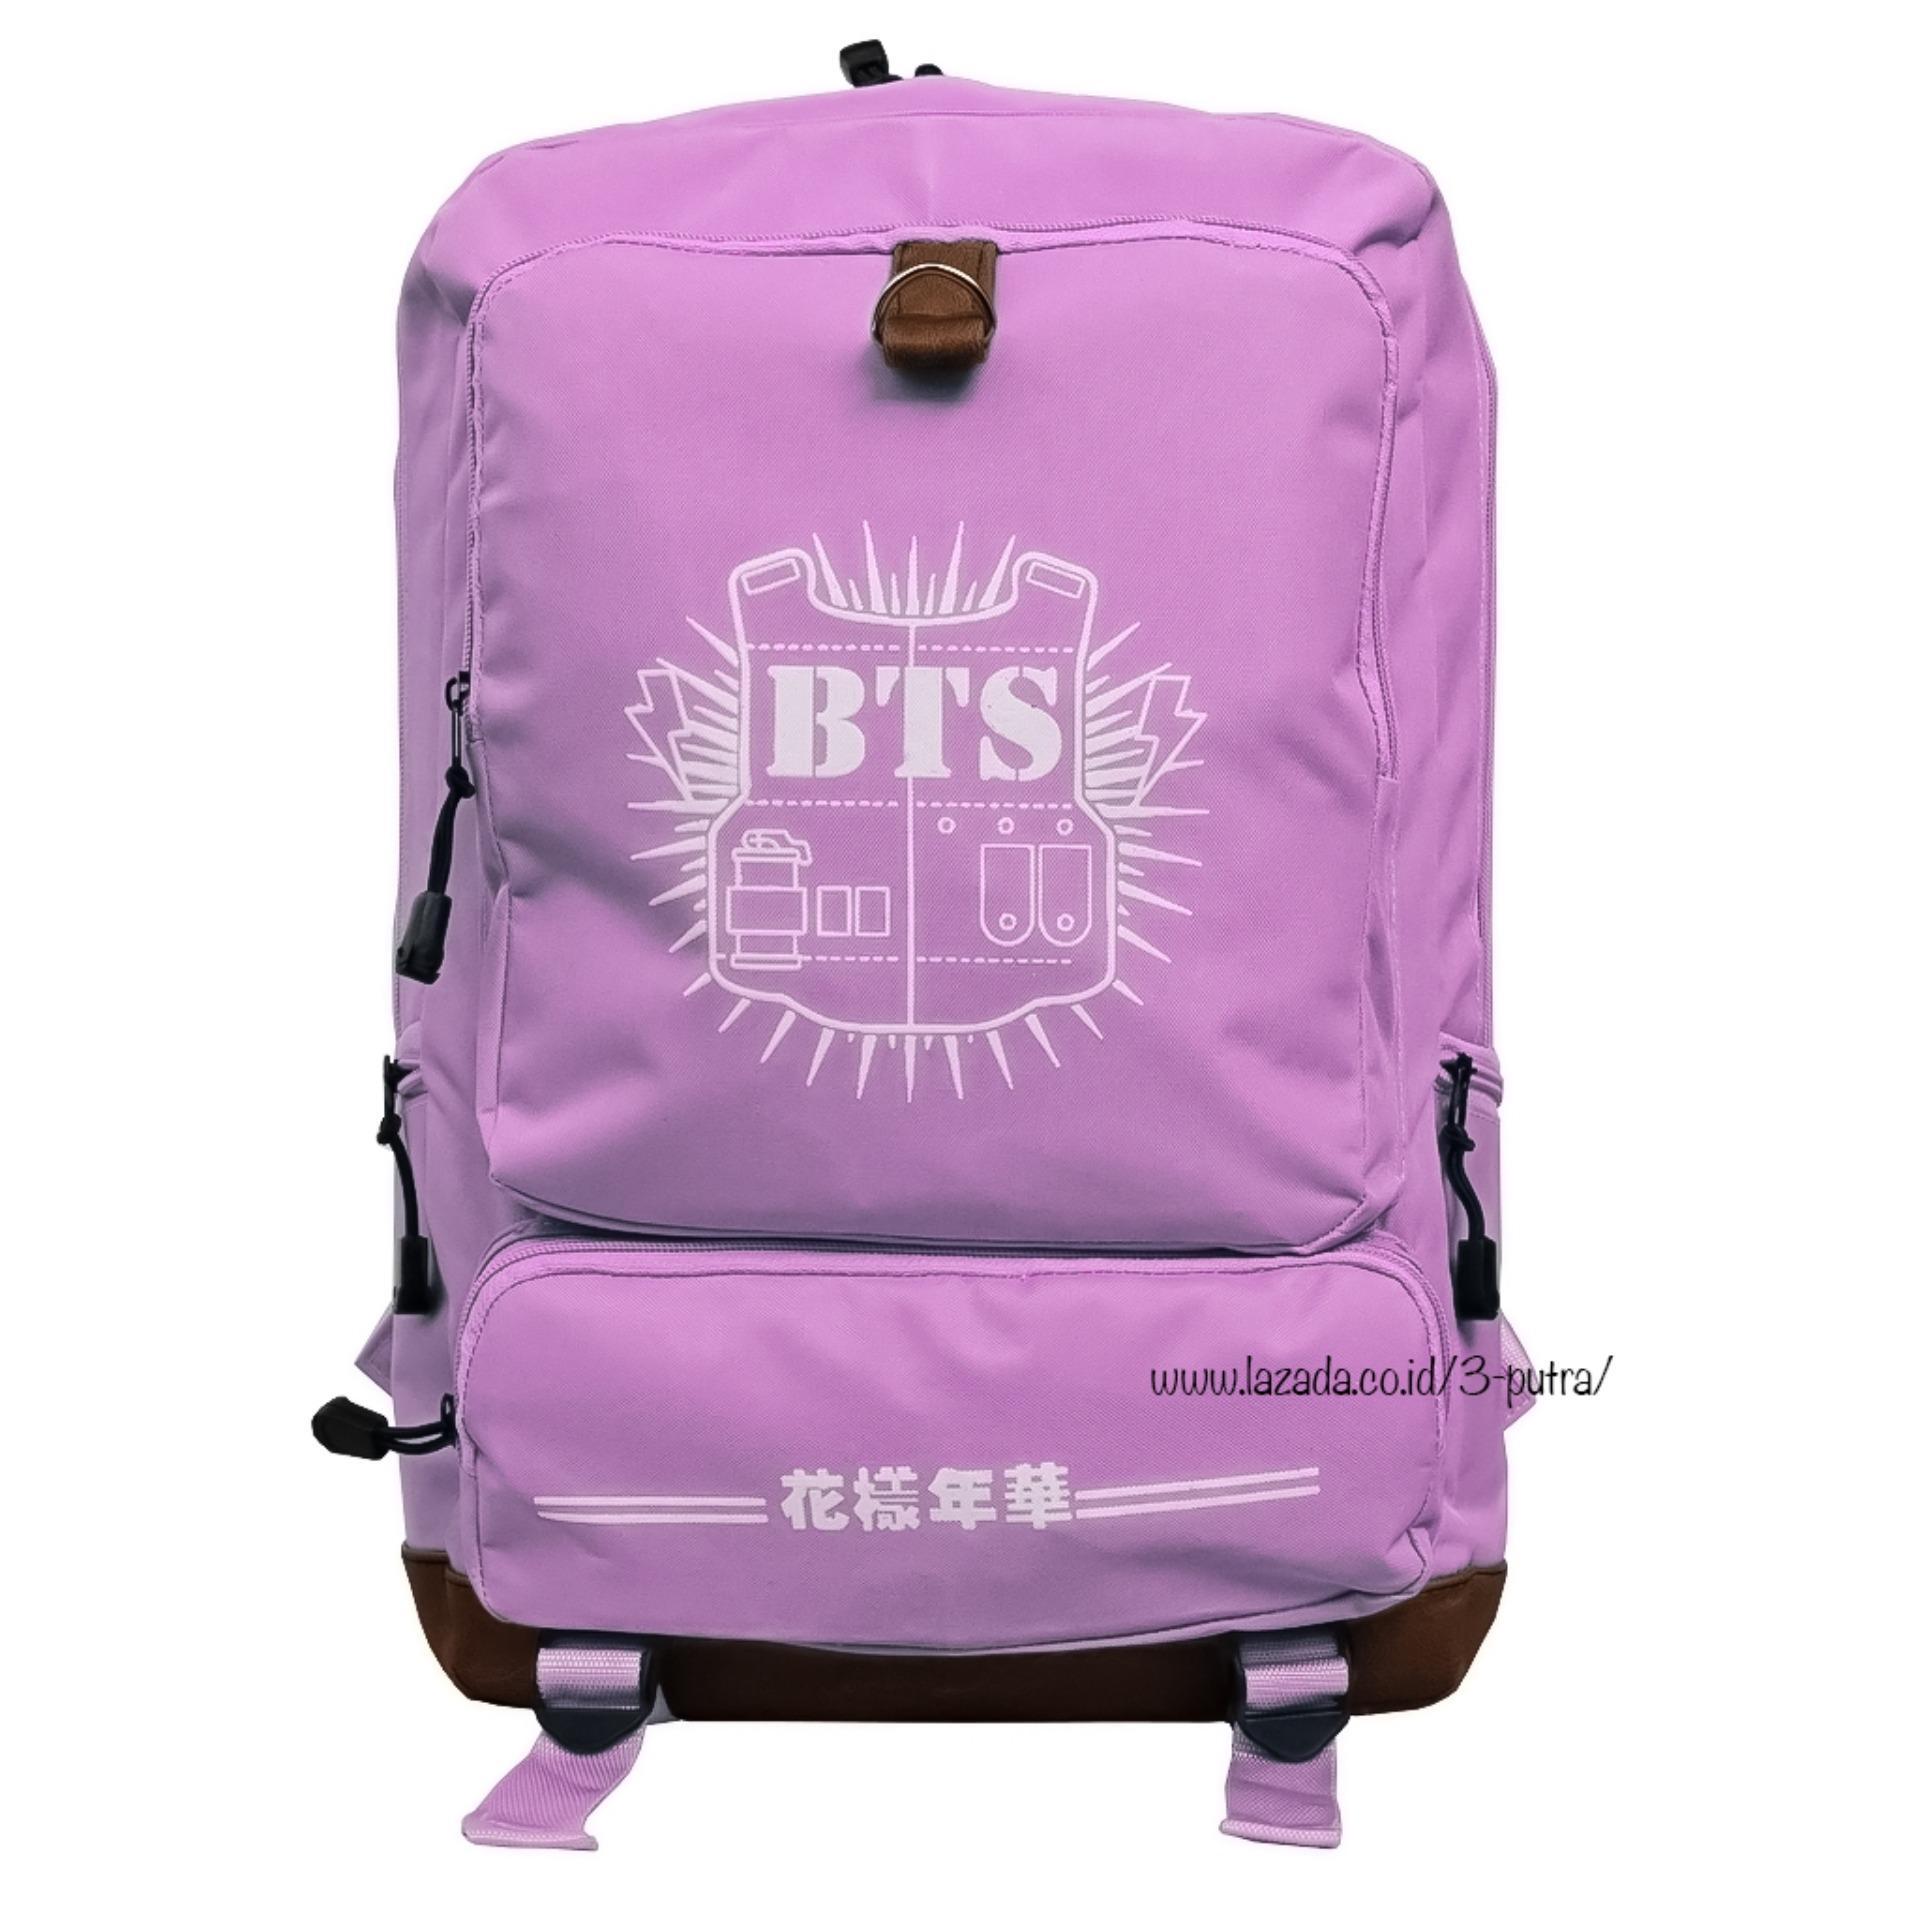 Backpack Tas Punggung Tas Ransel Ransel Sekolah Travel Bag Pria